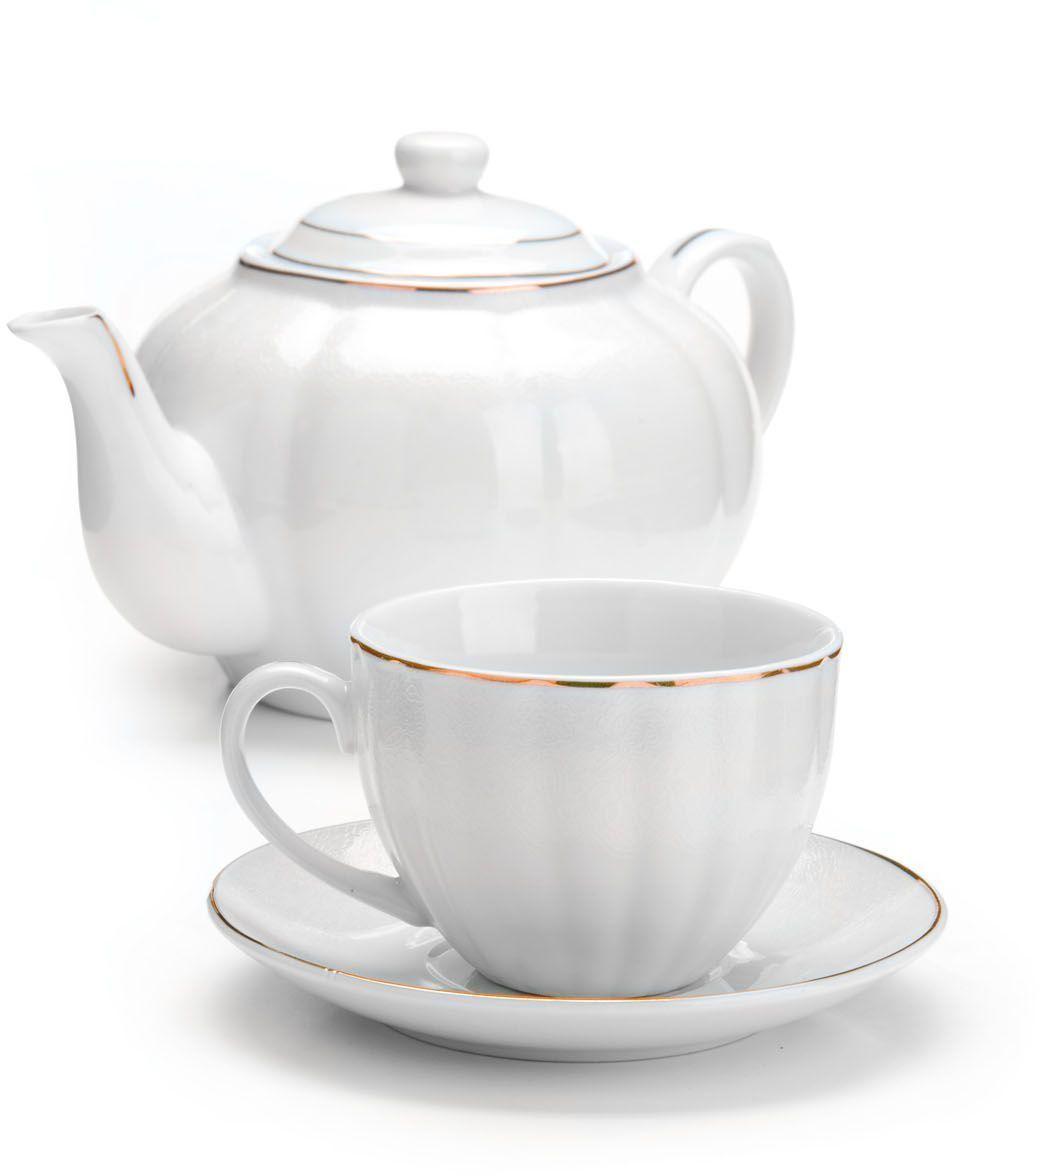 Чайный сервиз Loraine, 13 предметов. 2642126421Чайный набор Loraine на 6 персон, изготовленный из высококачественной керамики изысканного белого цвета, состоит из 6 чашек, 6 блюдец и заварочного чайника. Изделия набора украшены тонкой золотой каймой и имеют красивый и нежный дизайн. Набор придется по вкусу и ценителям классики, и тем, кто предпочитает утонченность и изысканность. Он настроит на позитивный лад и подарит хорошее настроение с самого утра. Набор упакован в подарочную упаковку.Такой чайный набор станет прекрасным украшением стола, а процесс чаепития превратится в одно удовольствие! Это замечательный выбор для подарка родным и друзьям! Объем чайника: 1 л. Объем чашки: 220 мл.